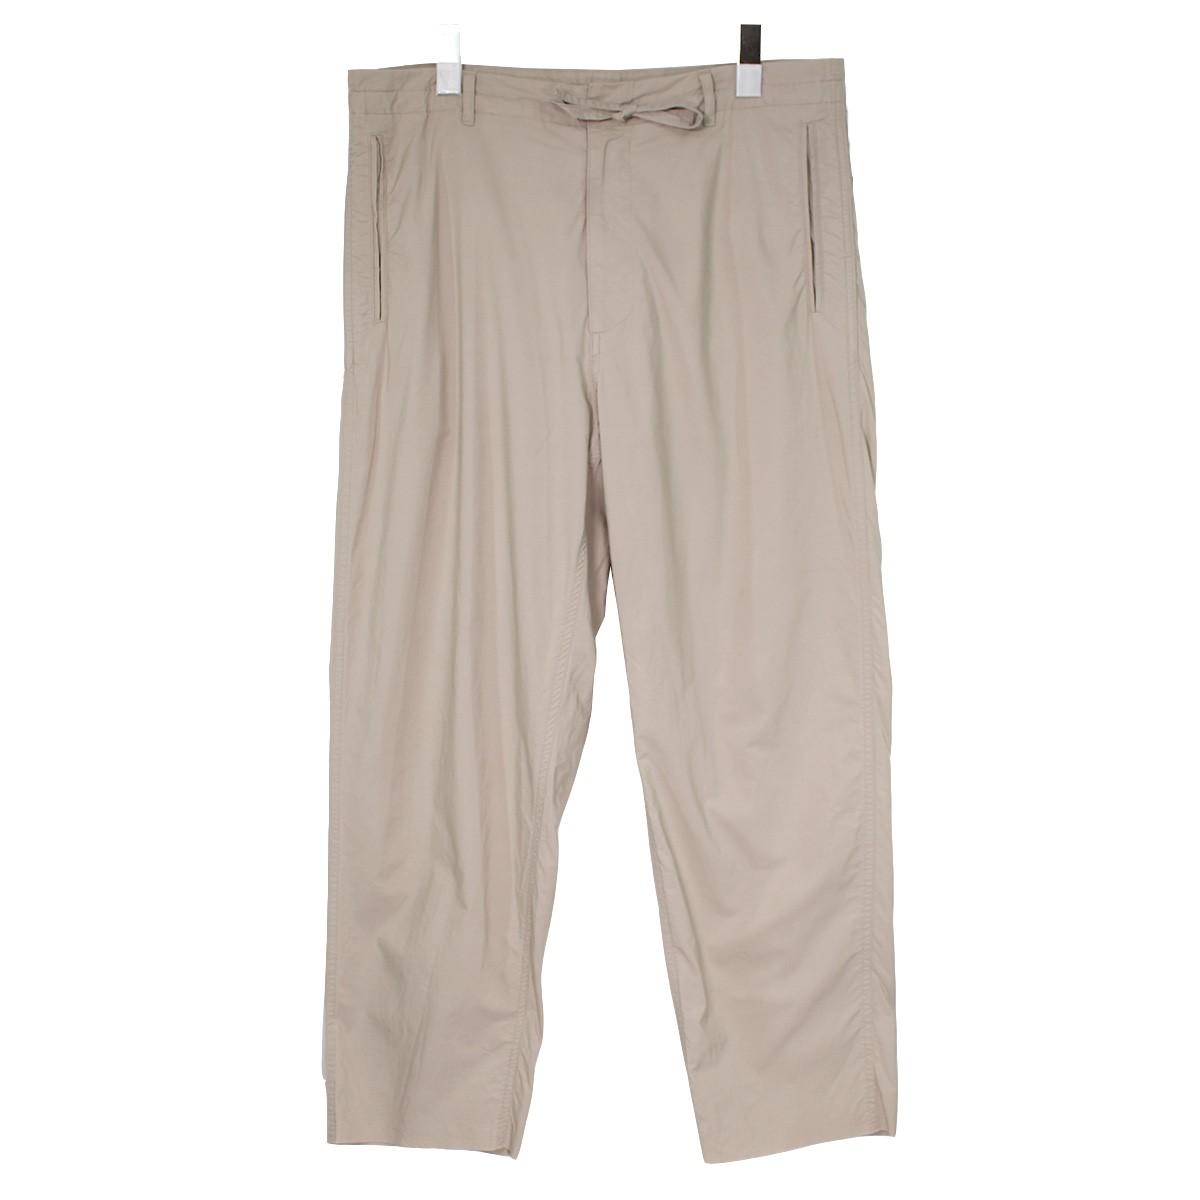 【12月30日 お値段見直しました】【中古】AURALEE18SS SELVEDGE WEATHER CLOTH EASY PANTS グレージュ サイズ:3